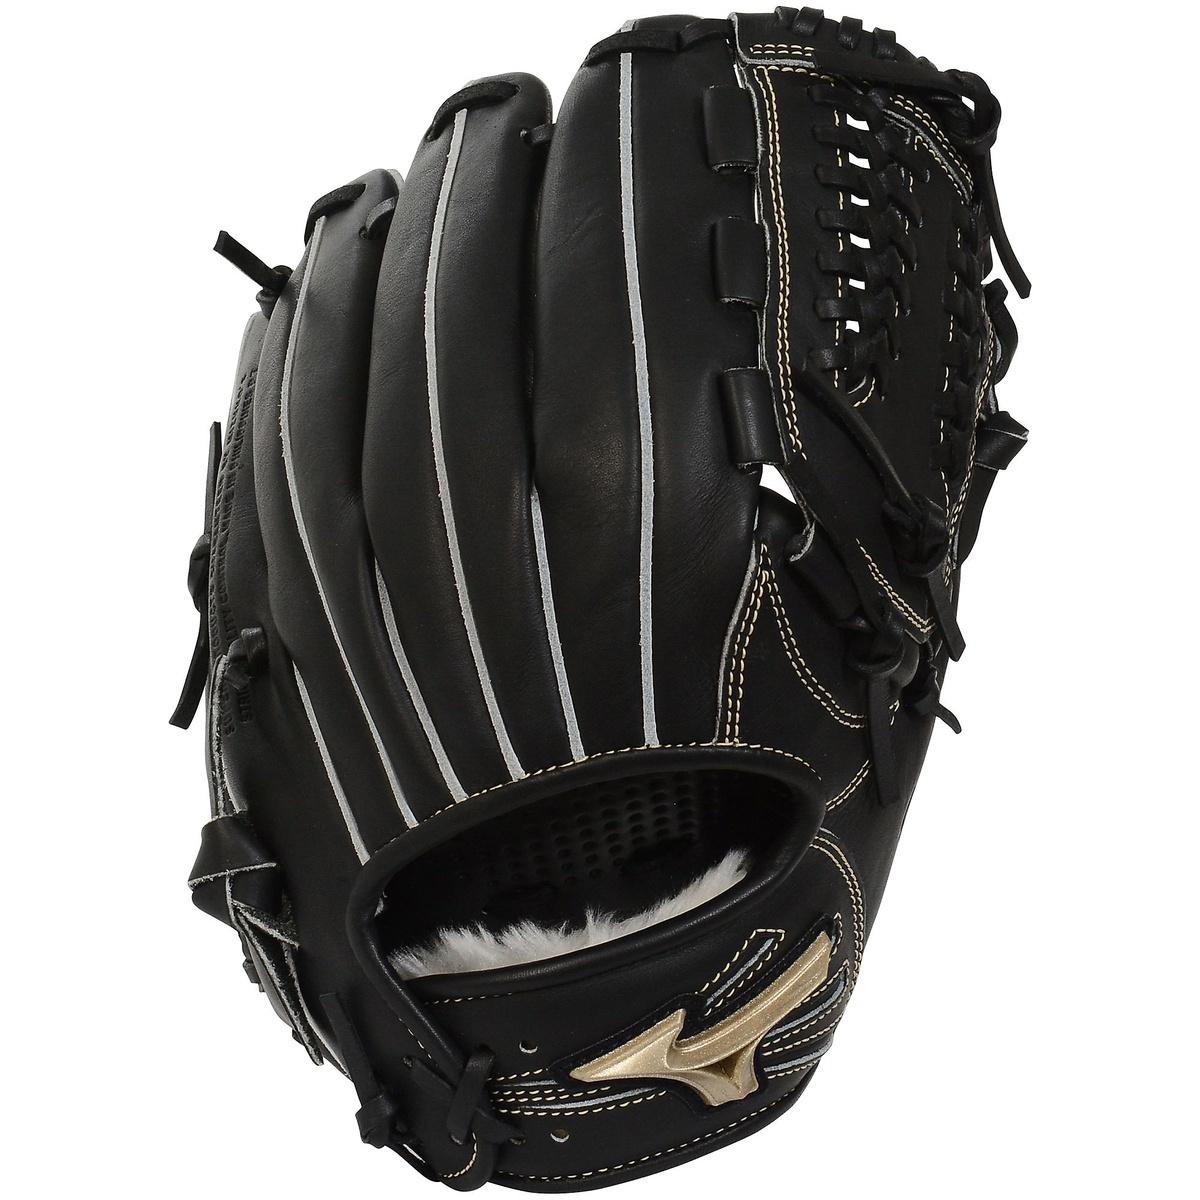 【送料無料】 MIZUNO (ミズノ) 野球 少年軟式グローブ GERG HSELECTION02 ジュニア ブラック 1AJGY18340 09